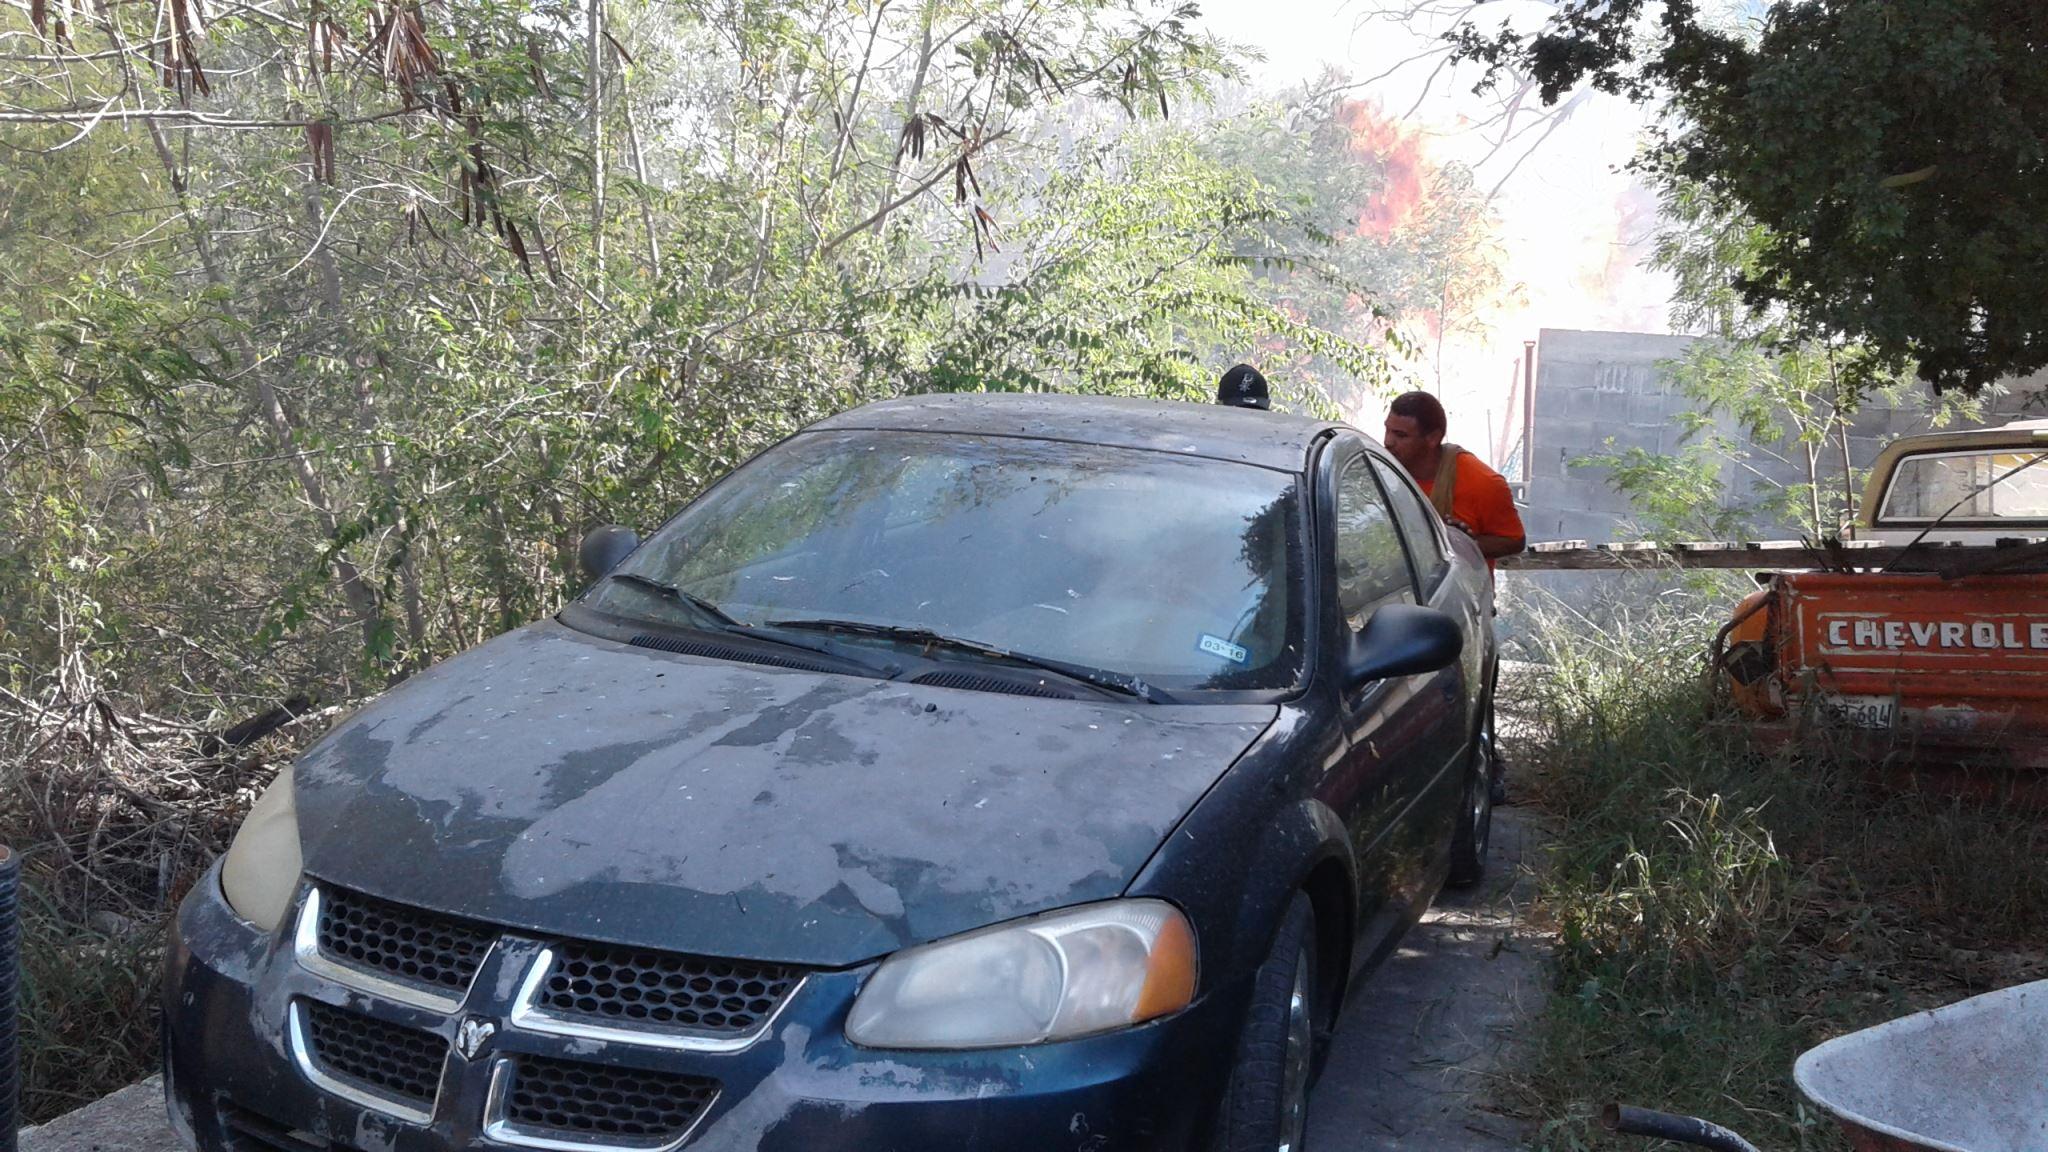 """AMENAZABA. El fuego originado este martes al mediodía en el barranco del arroyo """"El Buey"""", mantuvo amenazados a varias familias que tenían sus autos y viviendas ubicadas en céntrico sector de la zona centro."""